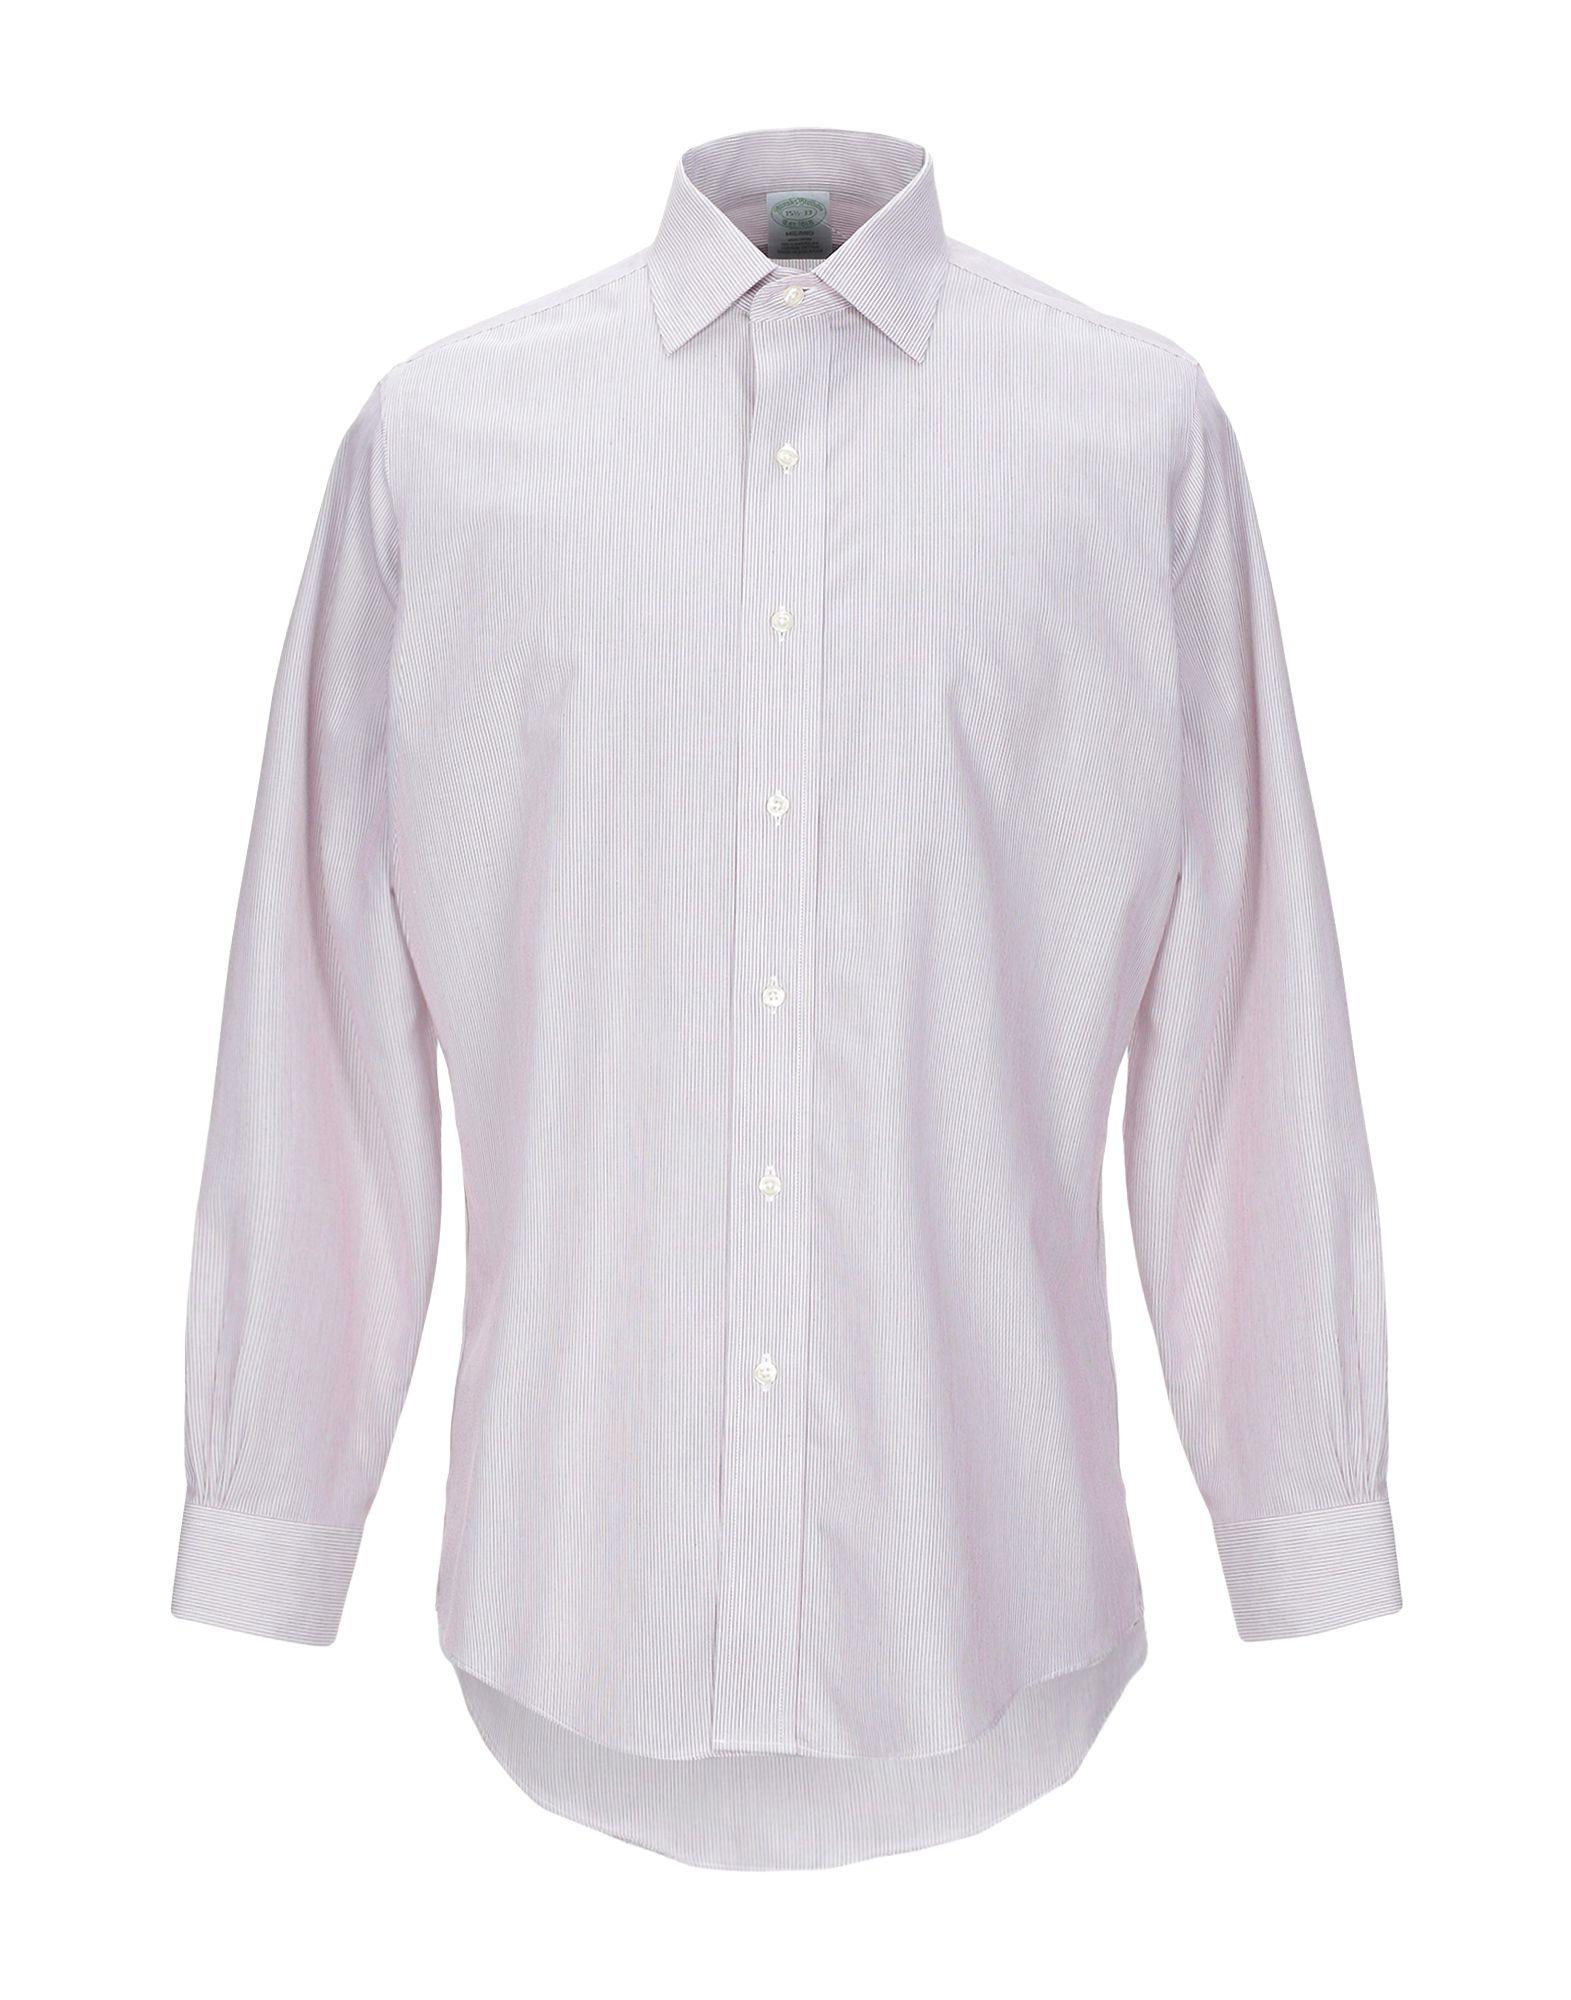 Camicia A Righe Righe Brooks Brossohers uomo - 38855049LE  exklusive Designs